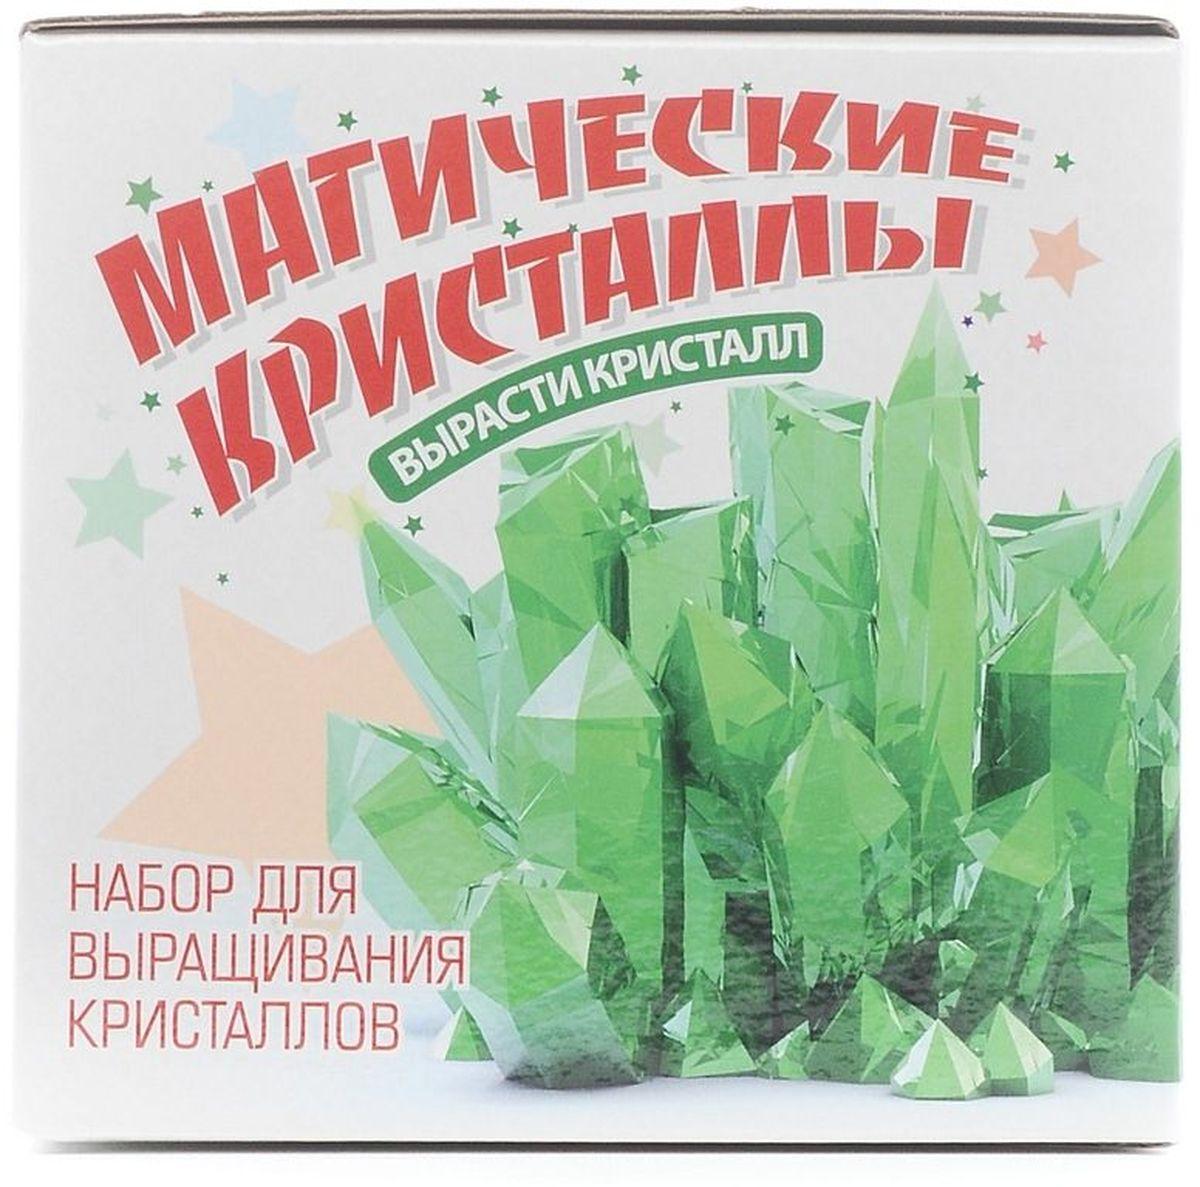 Висма Набор для выращивания кристаллов Магические кристаллы Изумруд малый